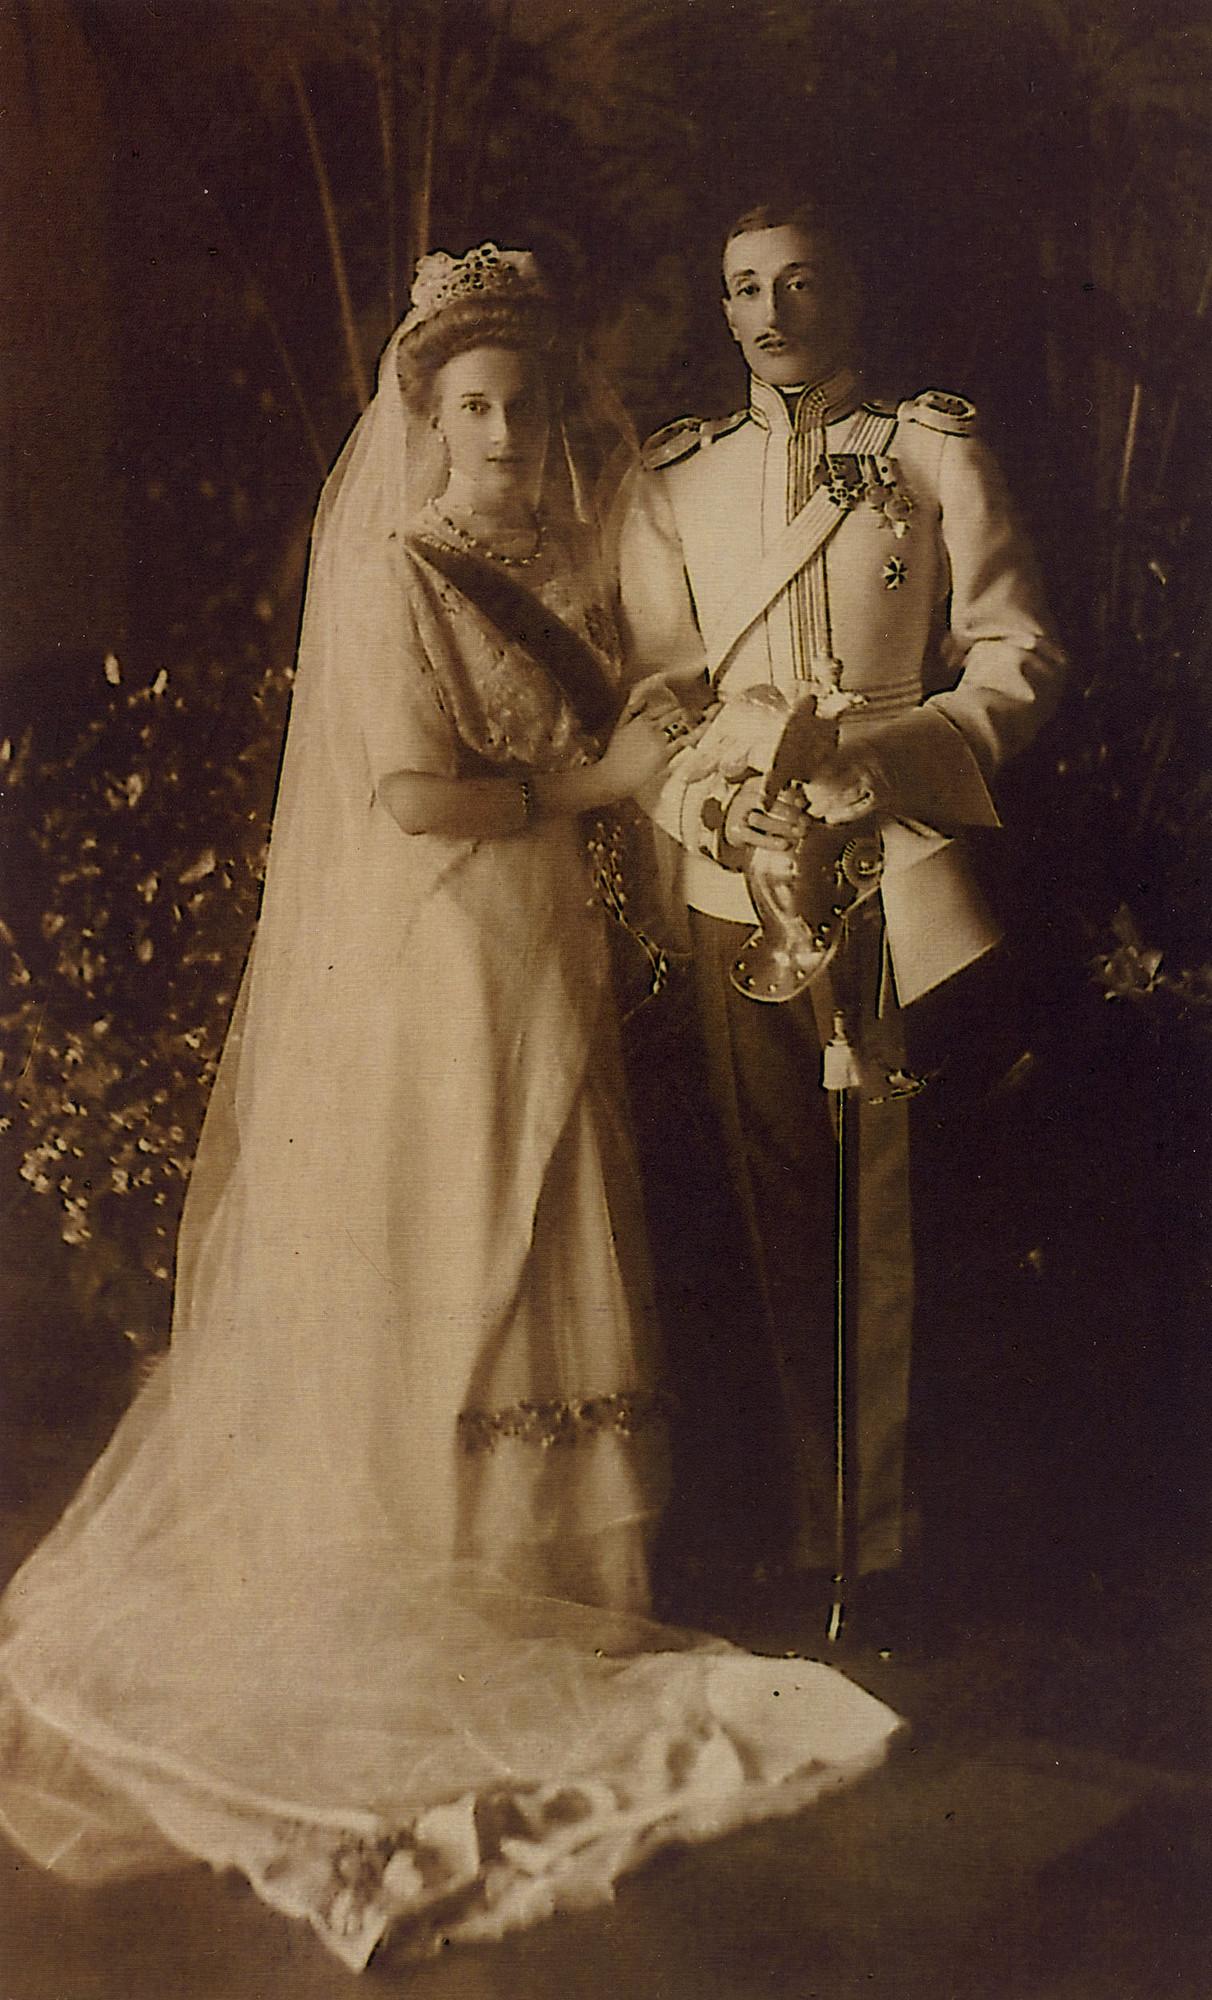 Casamento do príncipe georgiano Konstantine Bagration de Mukhrani com a Princesa Tatiana Konstantinovna.